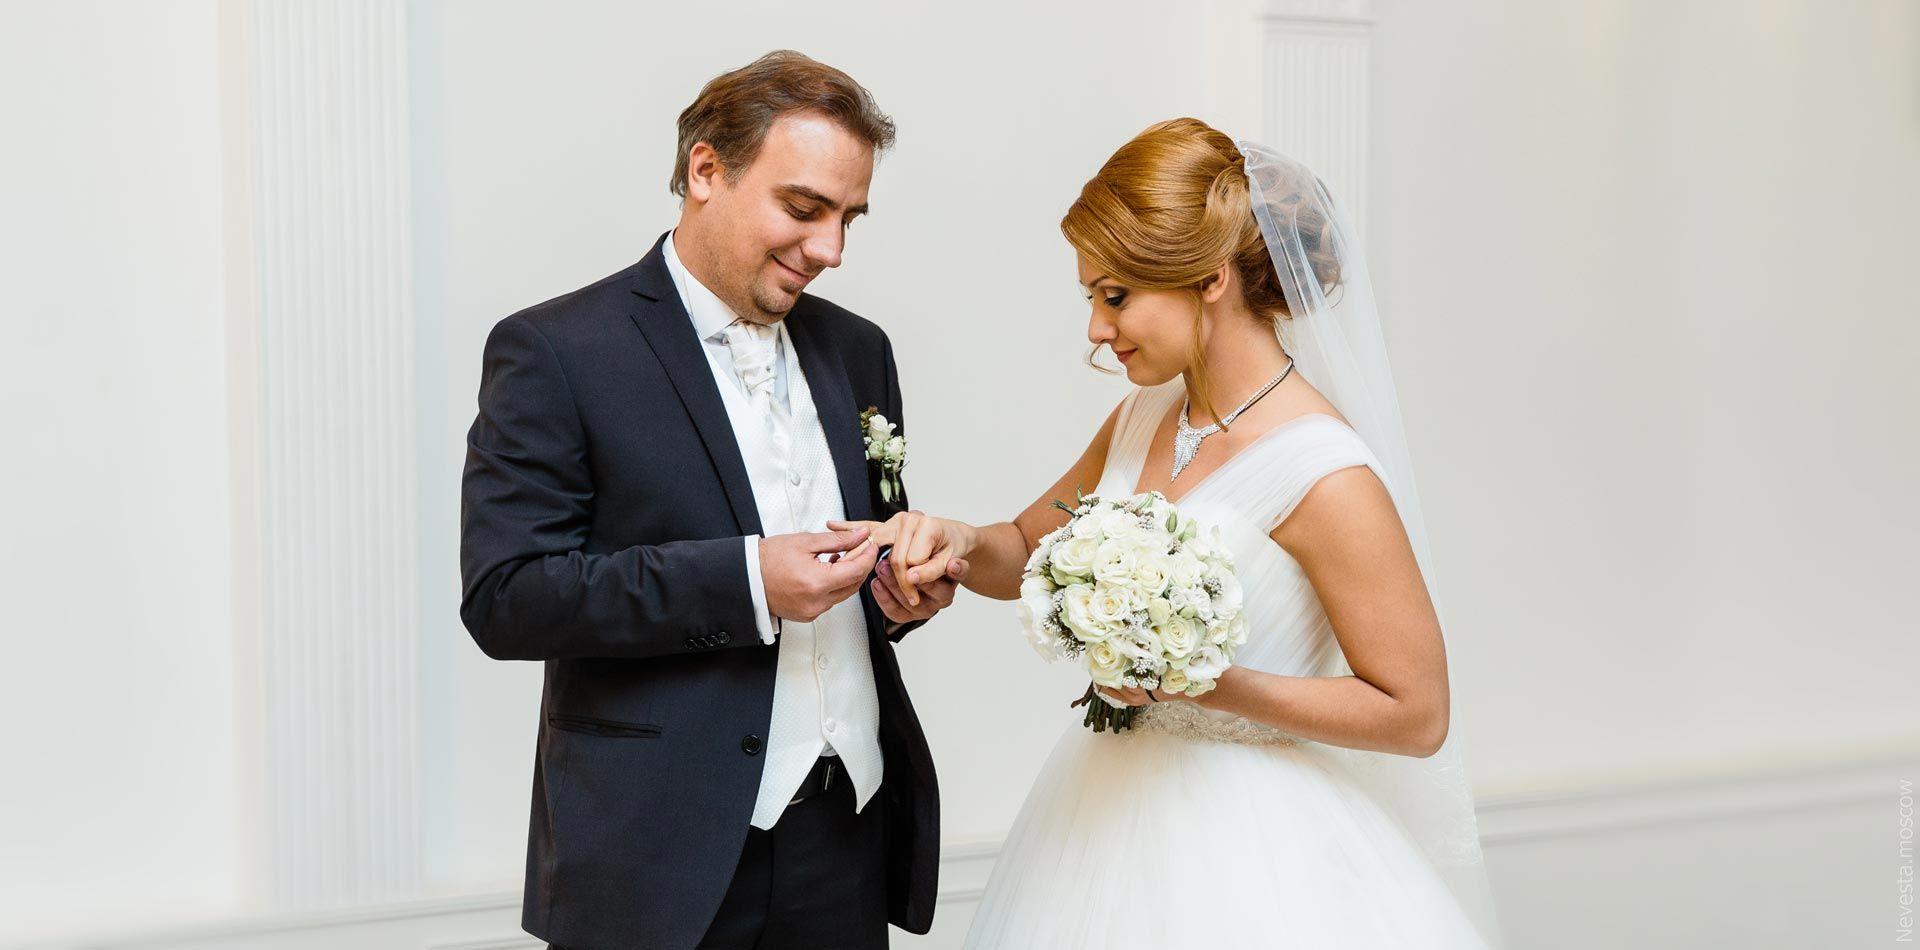 Свадьба Карины Мишулиной и Ивана Коробова, фото 11